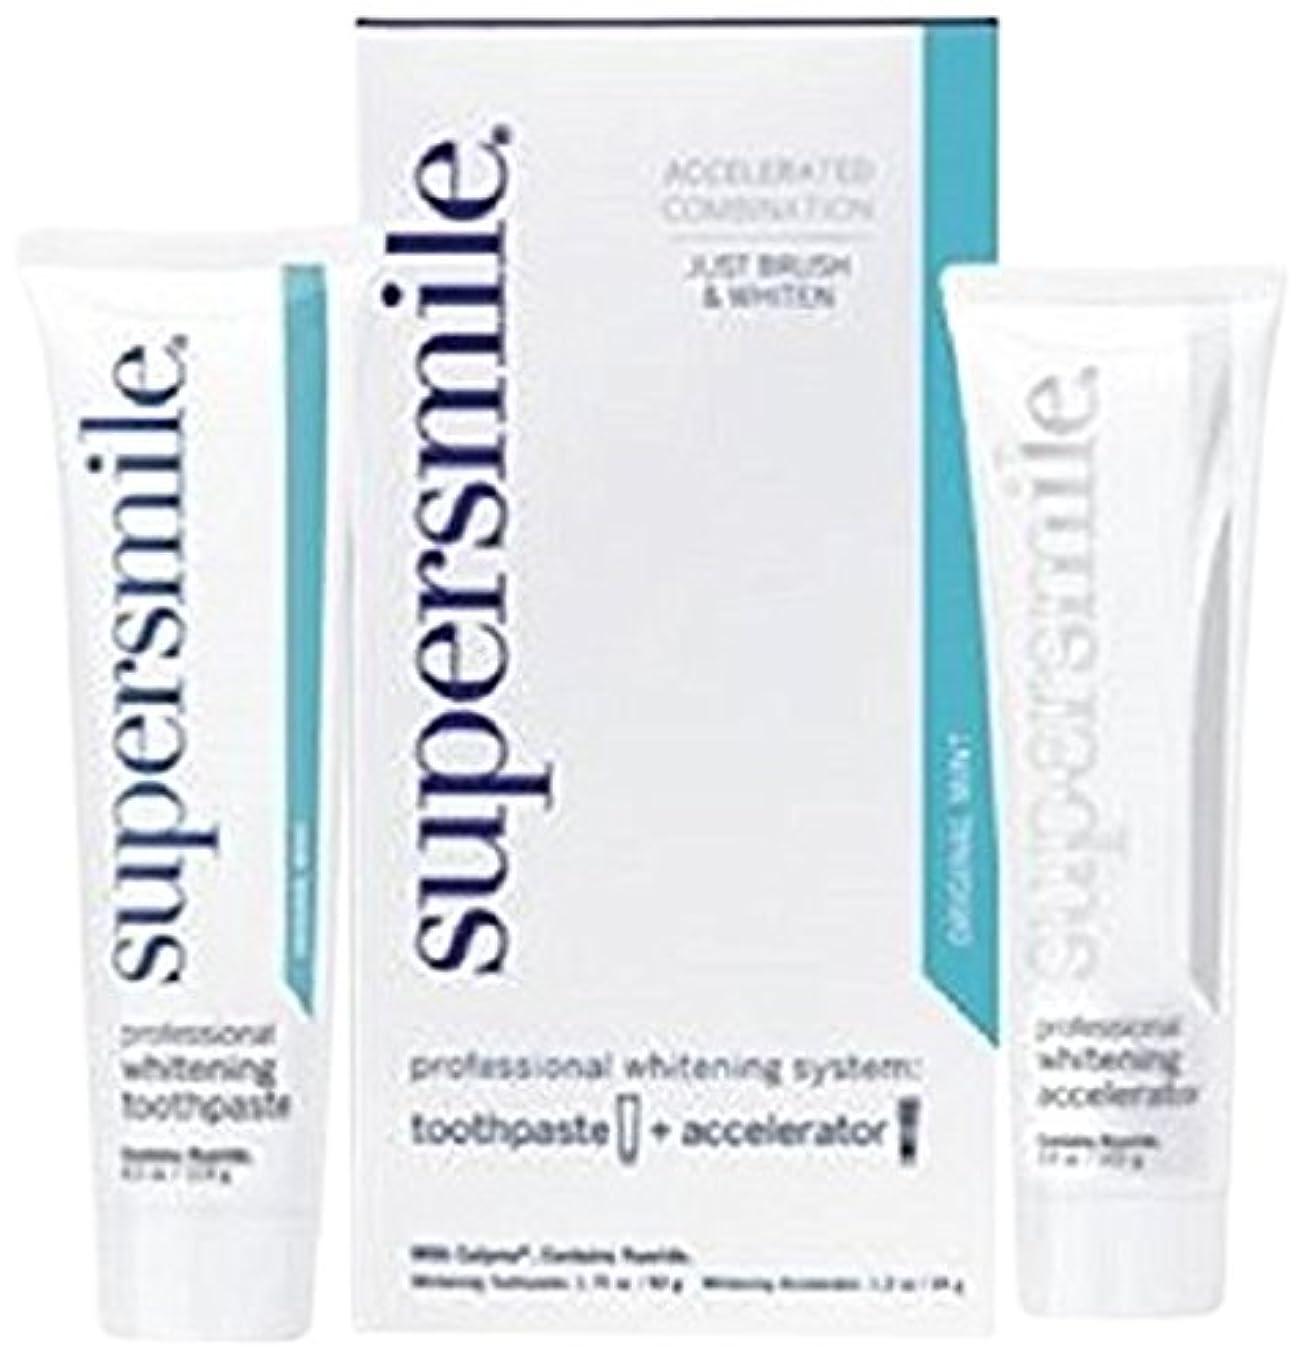 人口前件シャーSupersmile Professional Whitening System: Toothpaste 50g/1.75oz + Accelerator 34g/1.2oz - 2pcs by SuperSmile